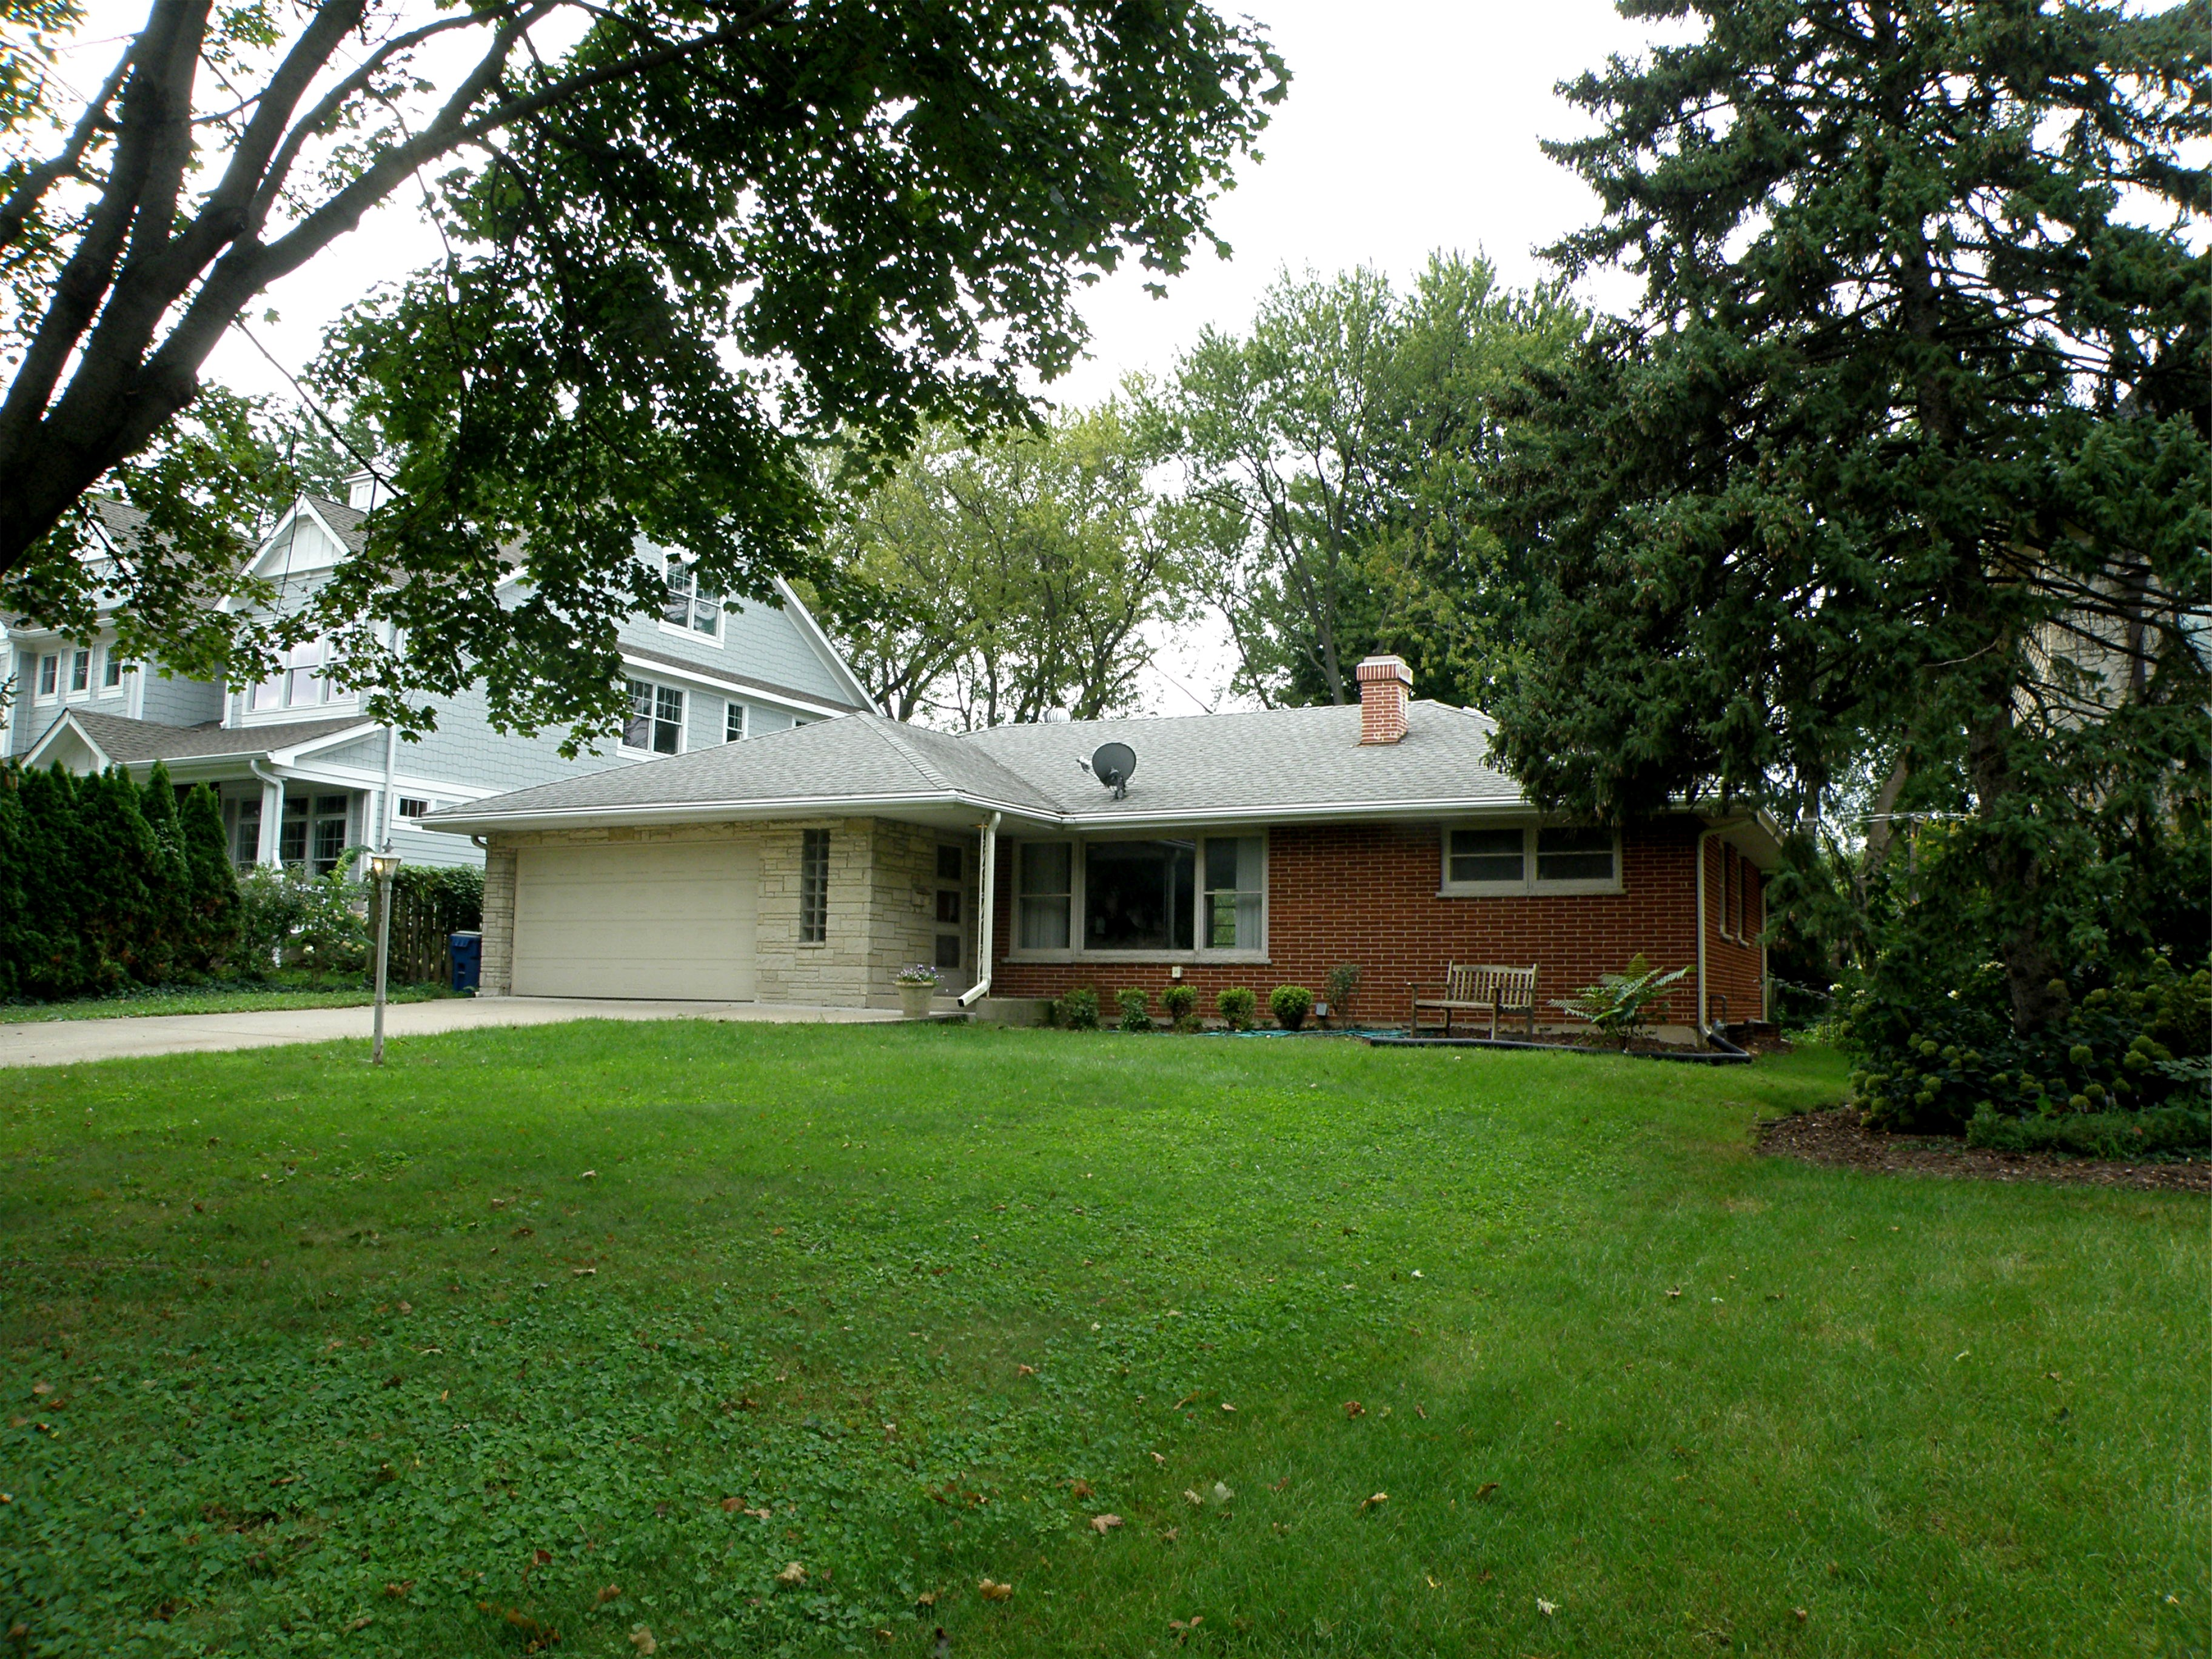 Villa per Vendita alle ore 434 N Quincy 434 N Quincy St Hinsdale, Illinois, 60521 Stati Uniti